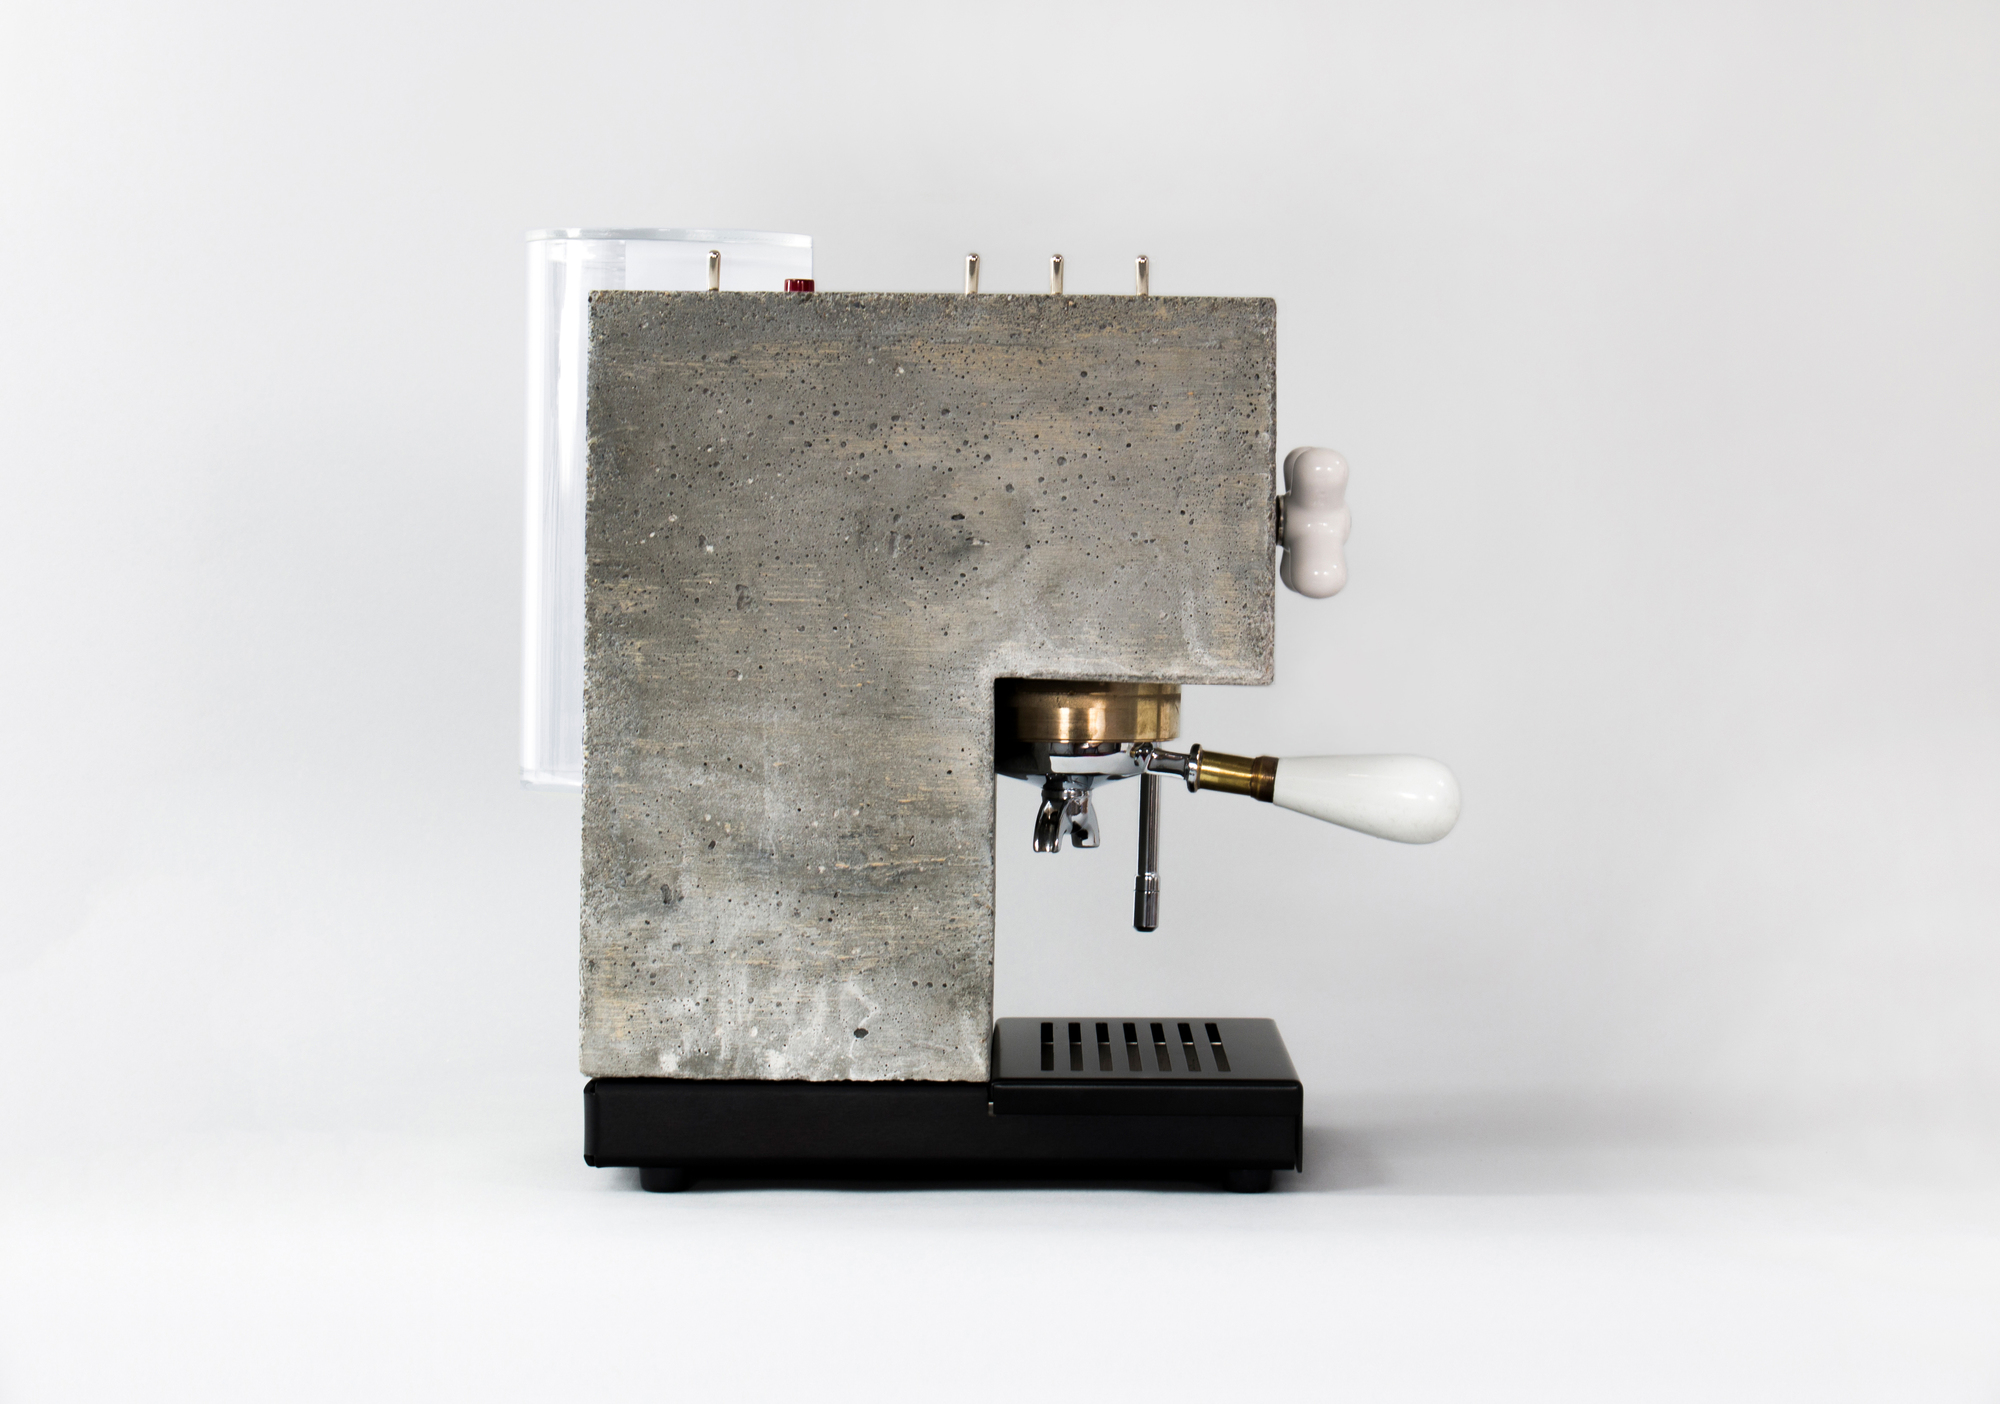 AnZa: uma cafeteira brutalista de concreto